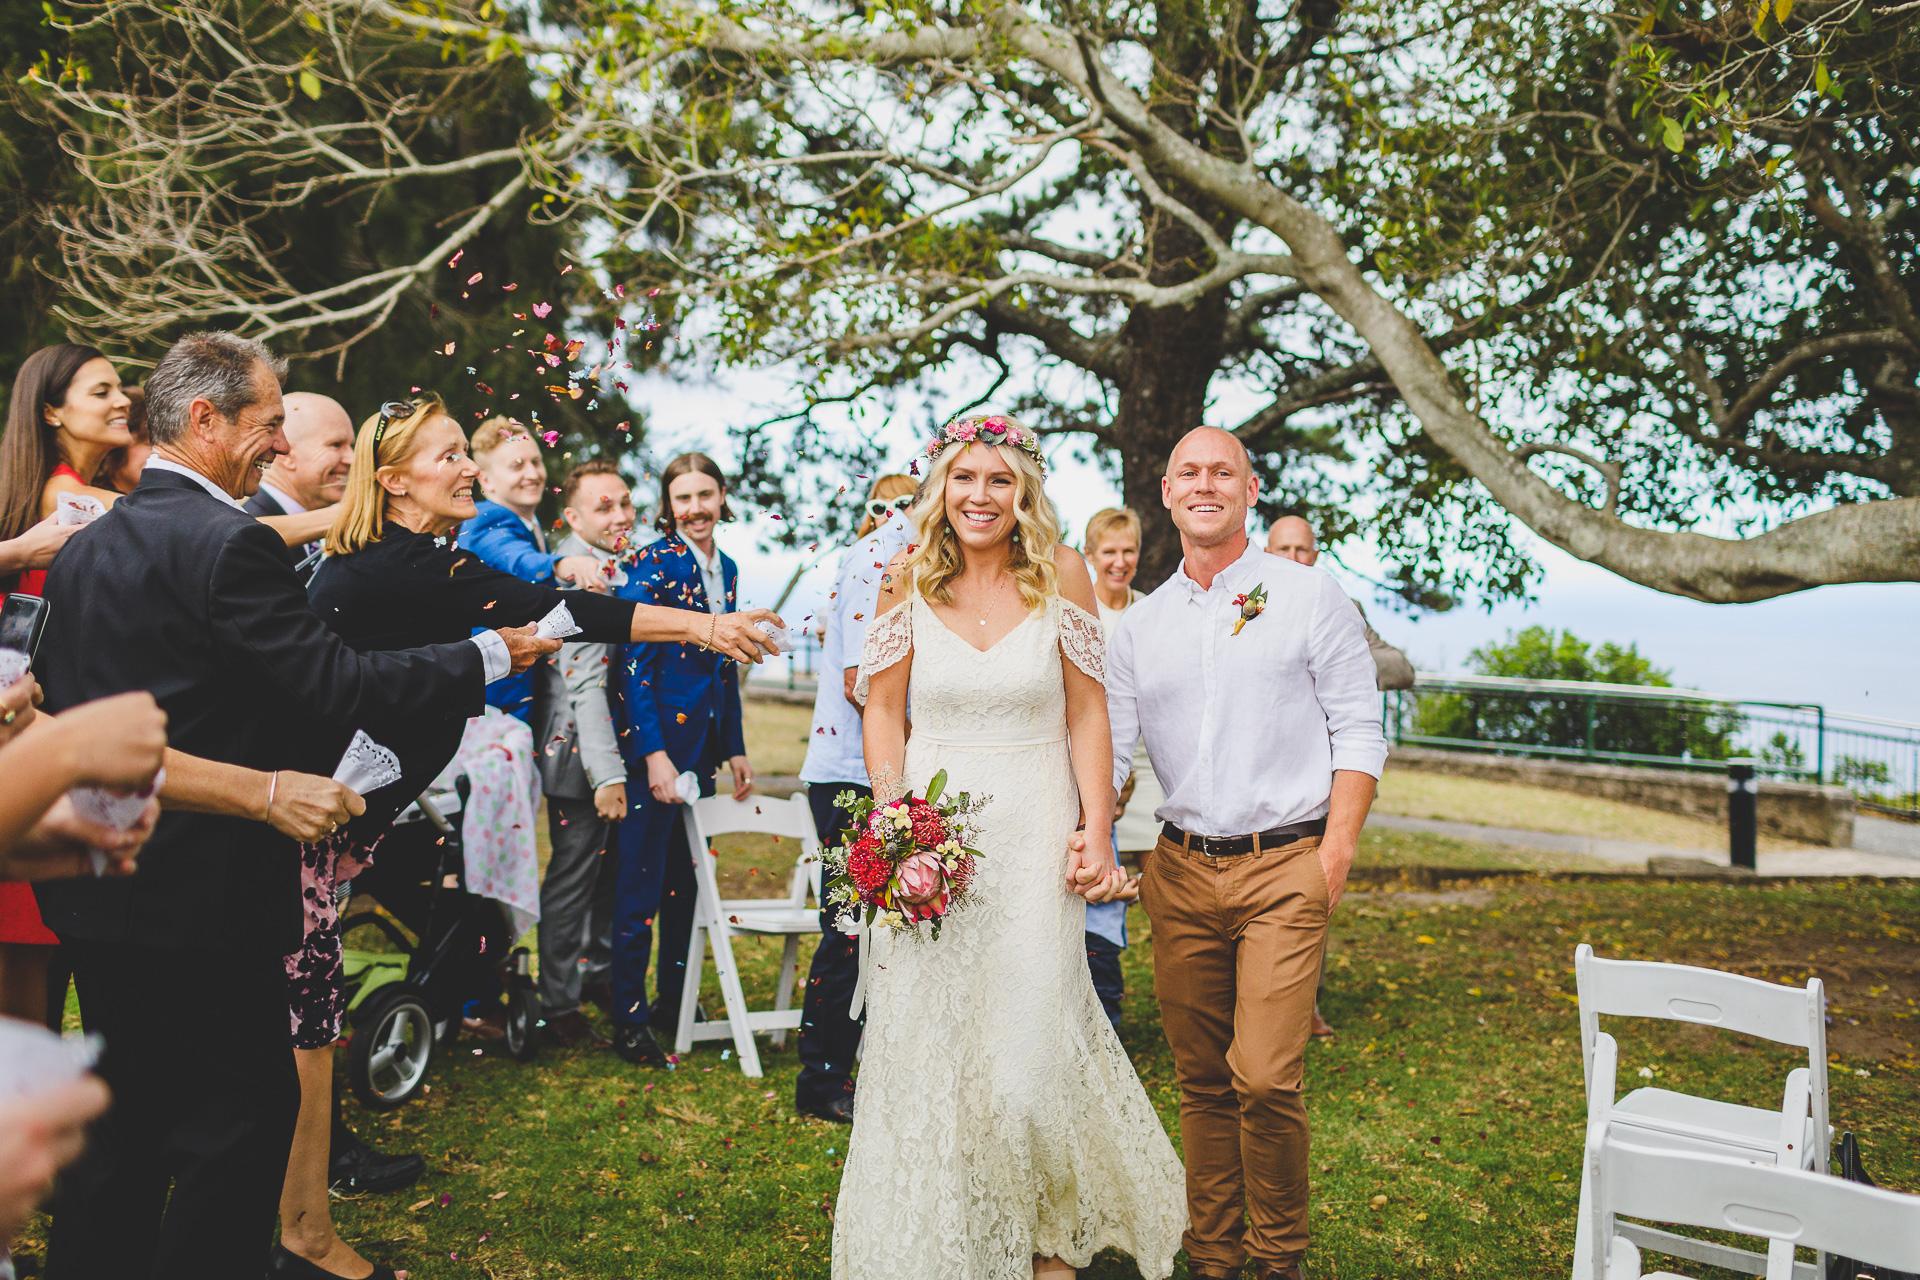 20161125 - Sublime+Point+Wedding+Beth+Ian | 150.jpg